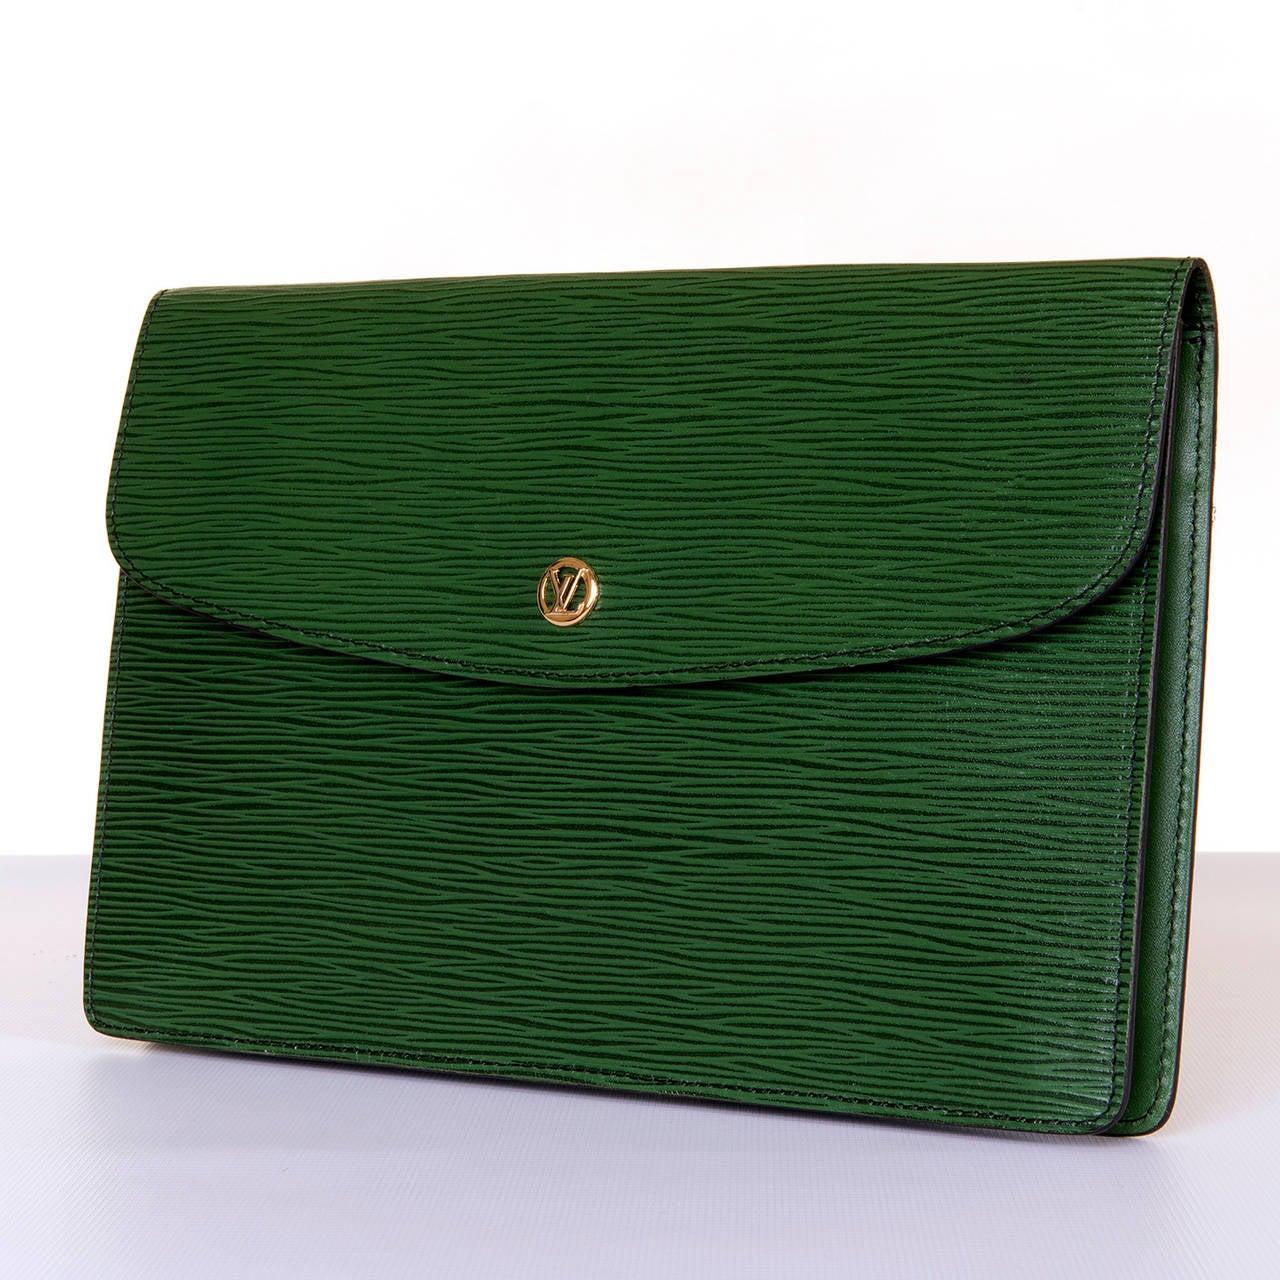 Louis Vuitton 'Menthe' Epi-Leather Clutch Bag 2